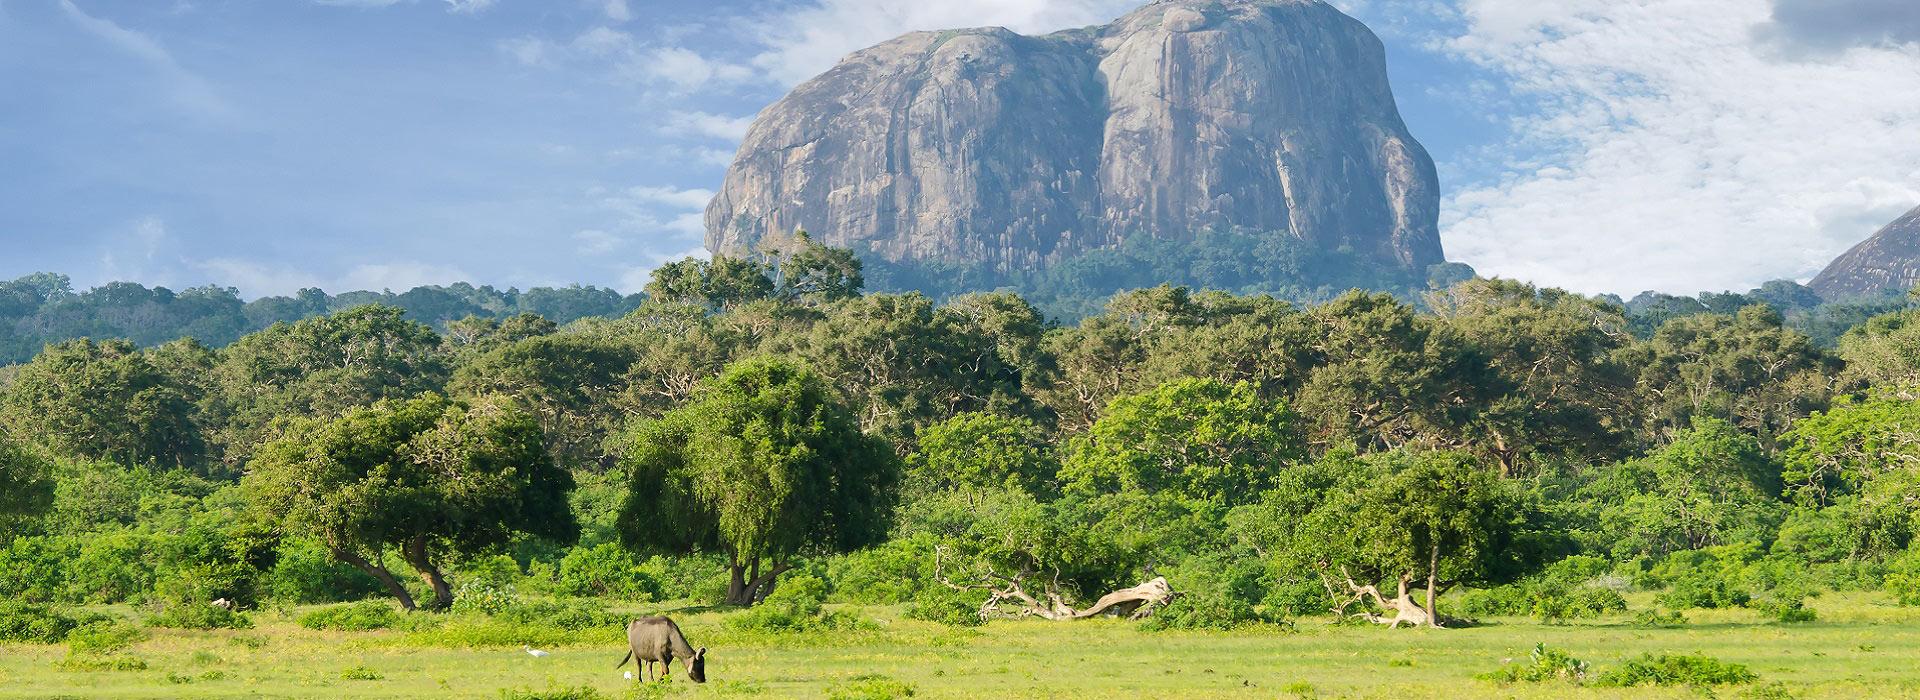 yala_national_park